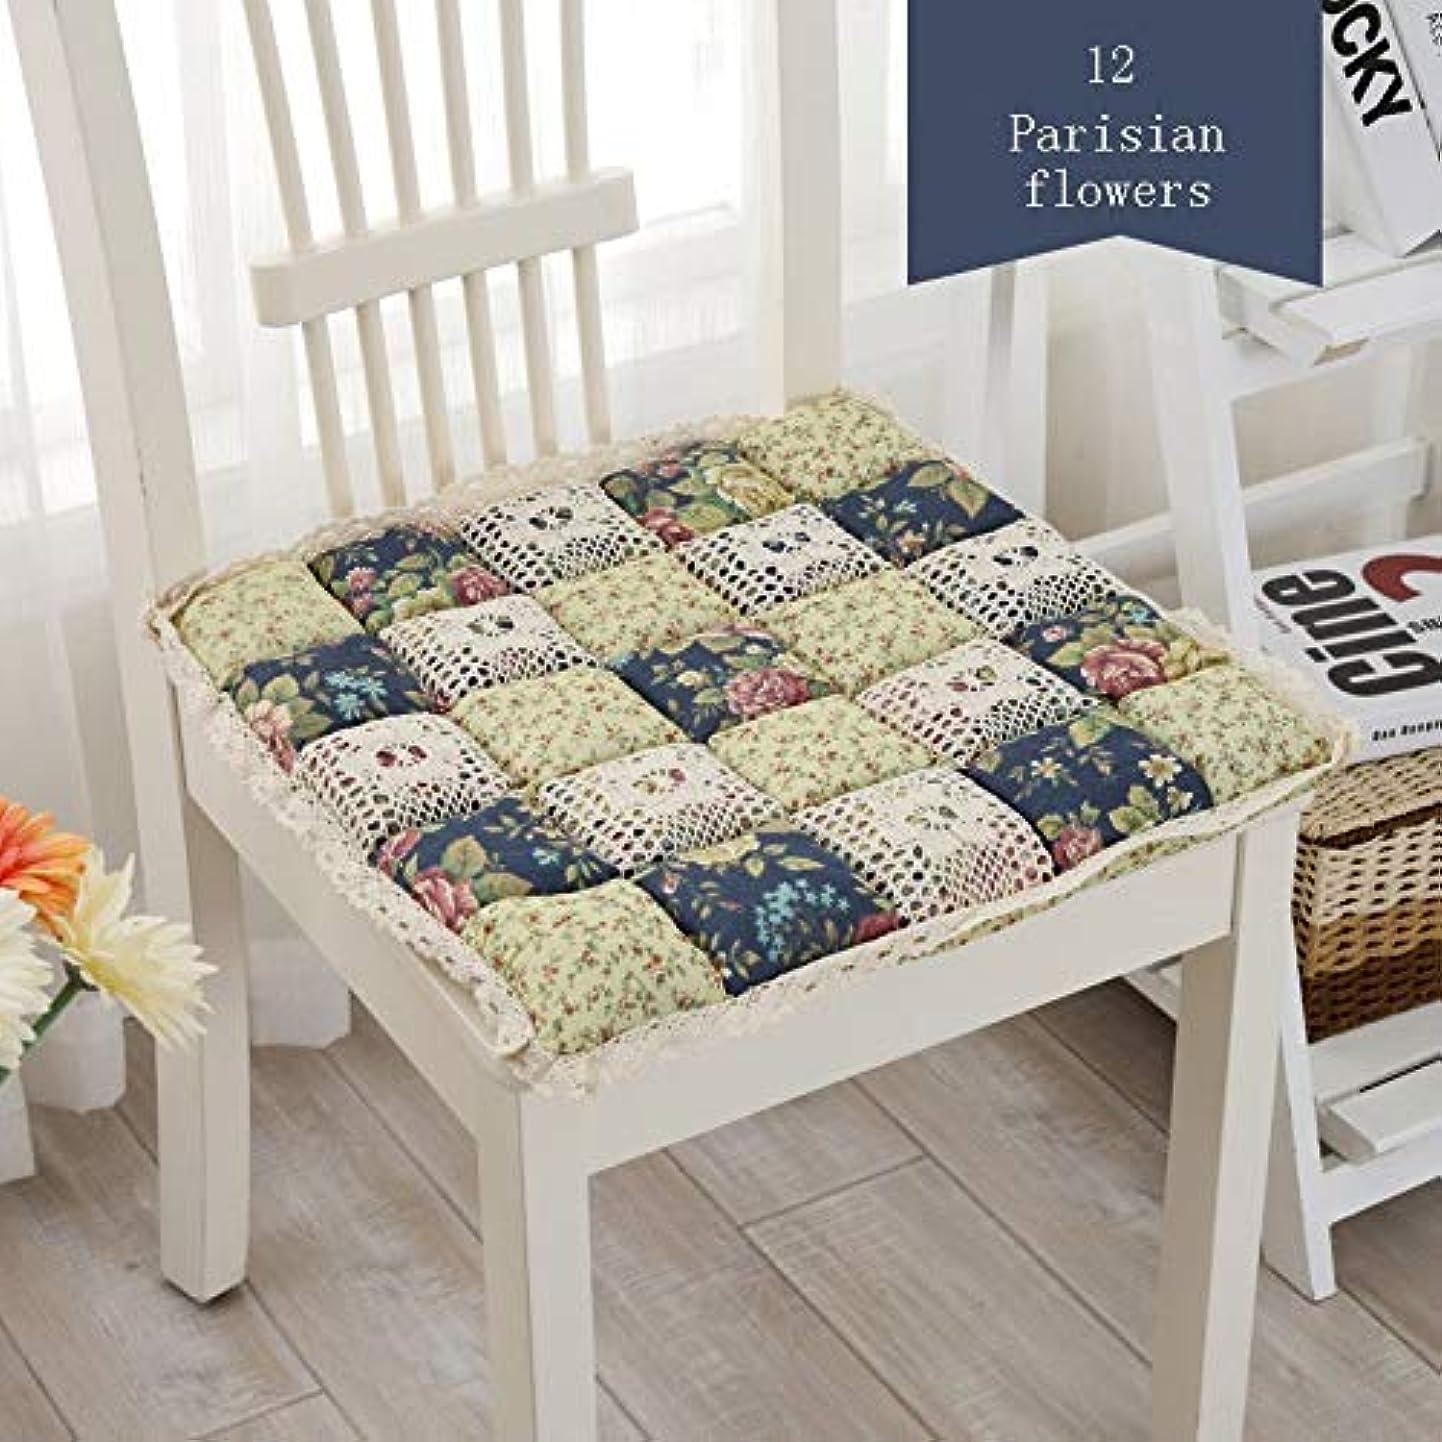 円形前任者資産LIFE 1 個抗褥瘡綿椅子クッション 24 色ファッションオフィス正方形クッション学生チェアクッション家の装飾厚み クッション 椅子